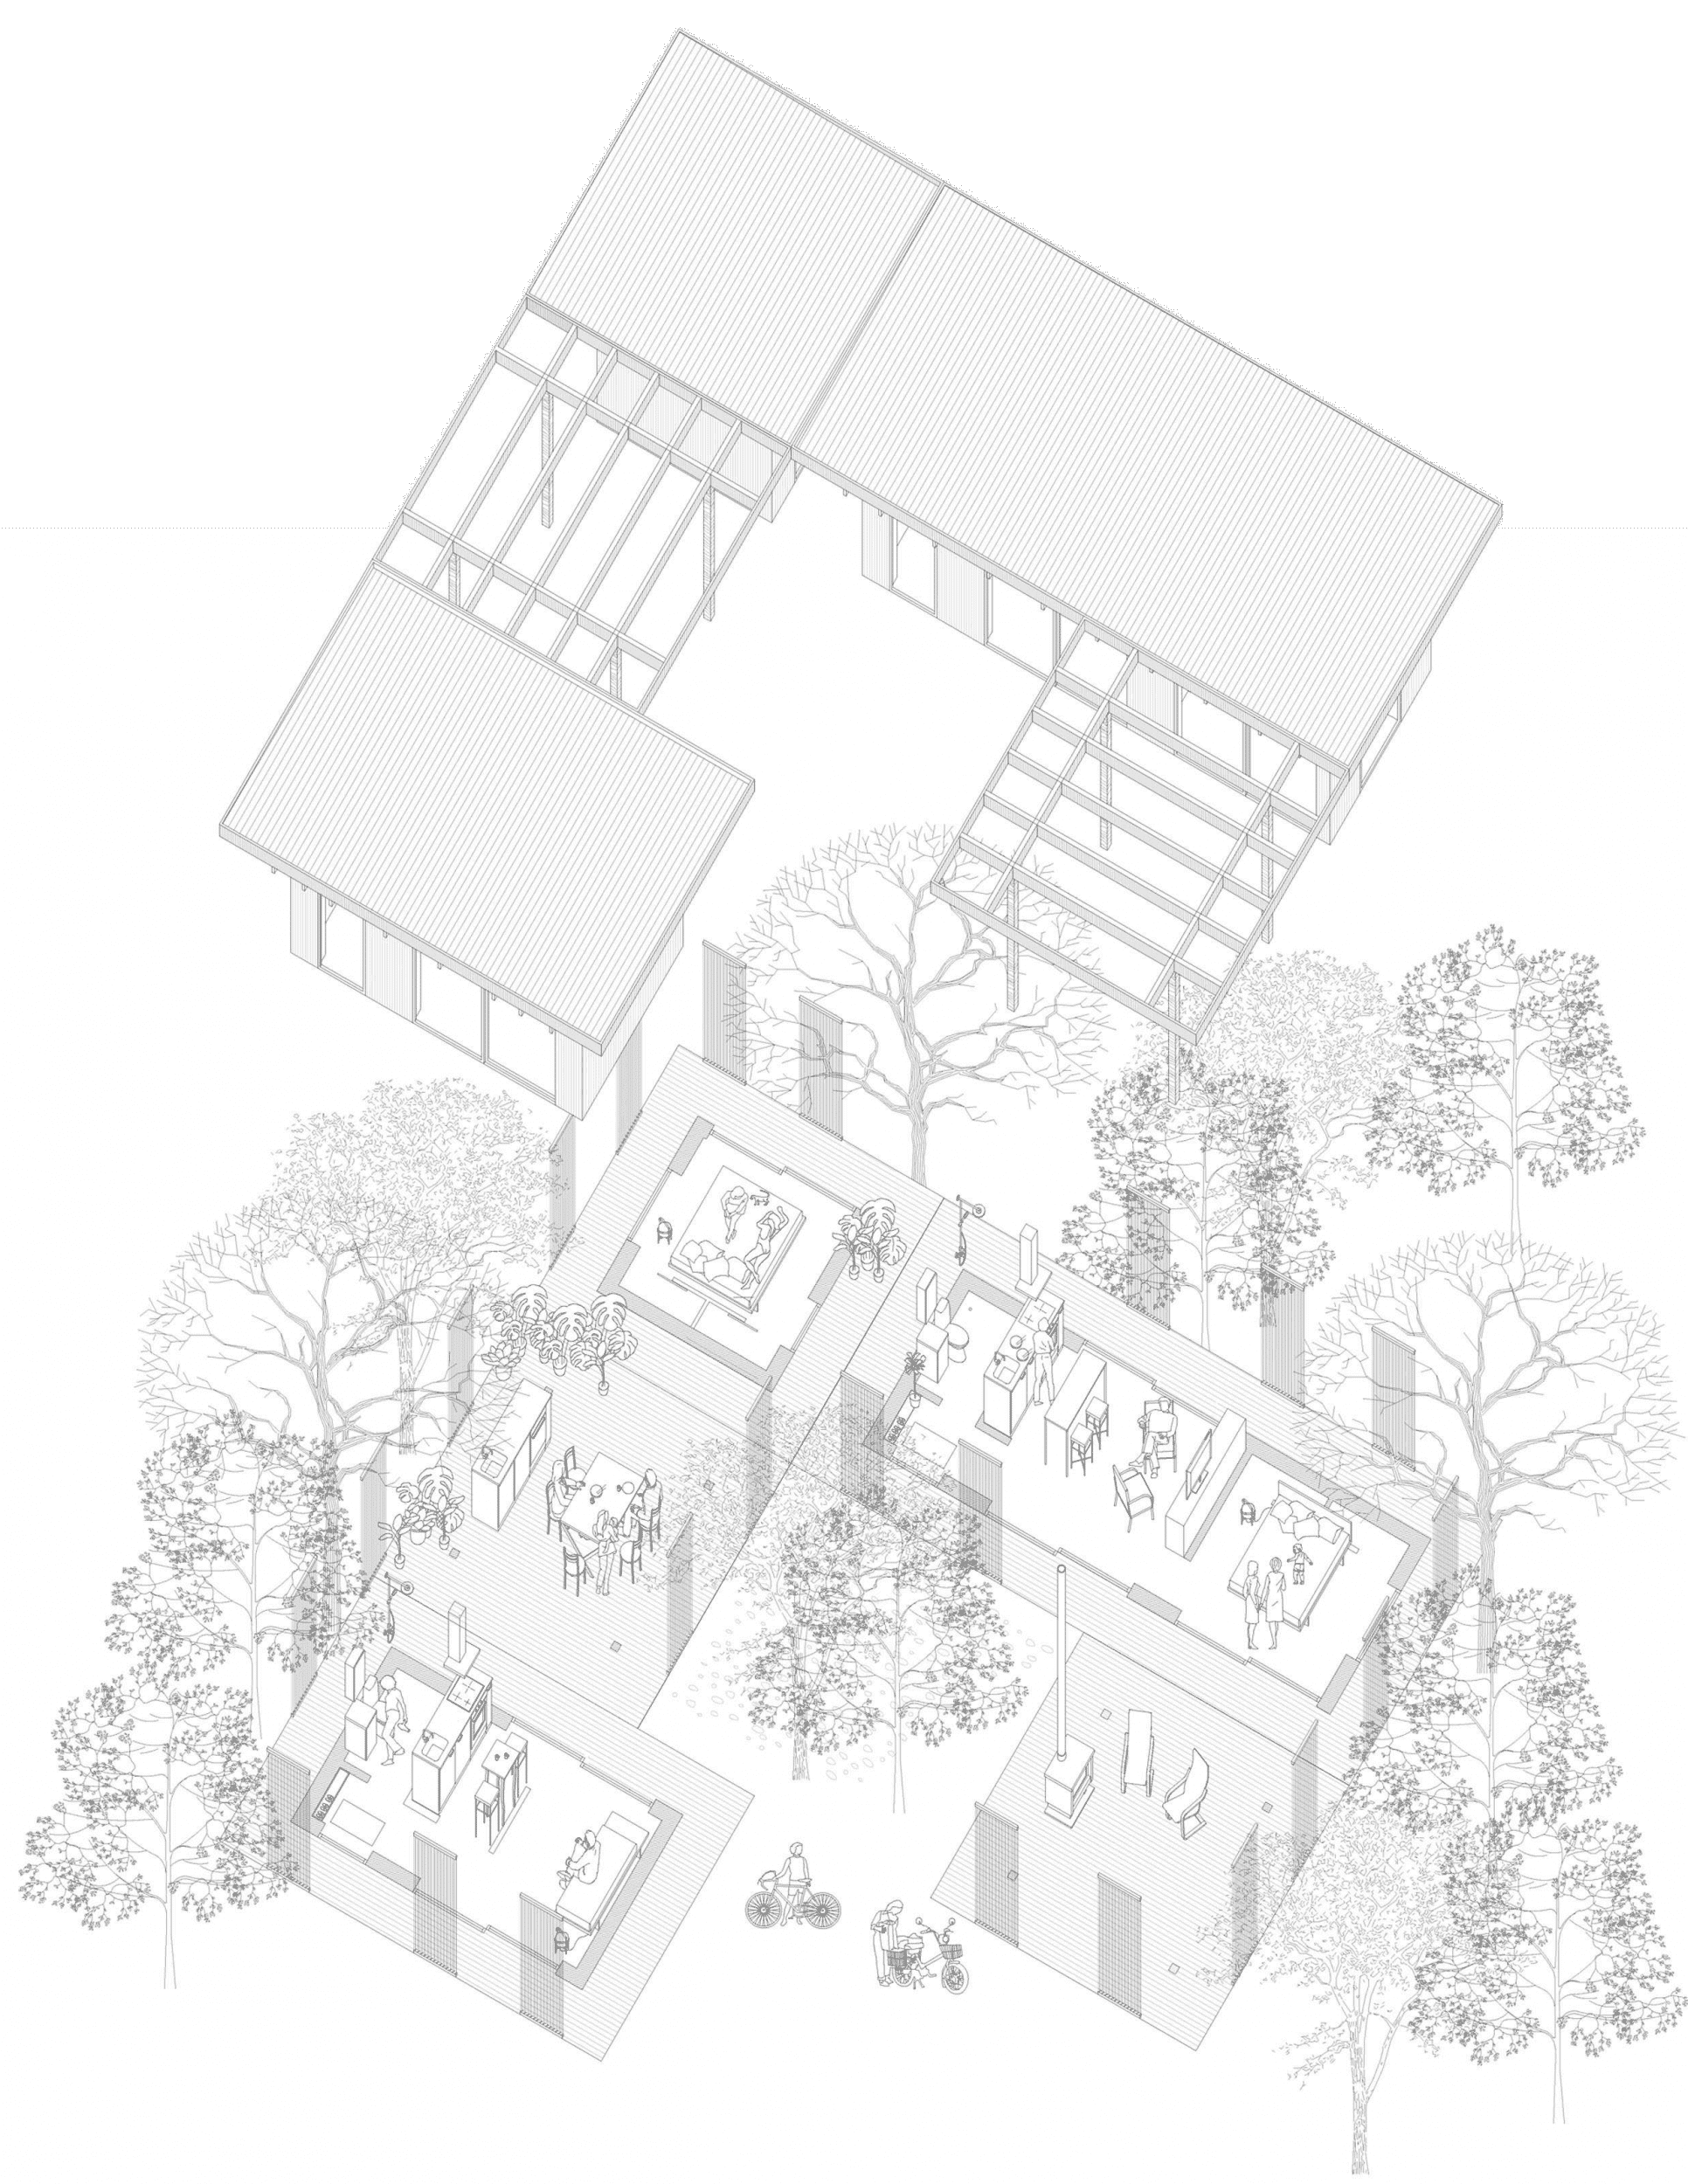 Förslag på kombination av attefallshus